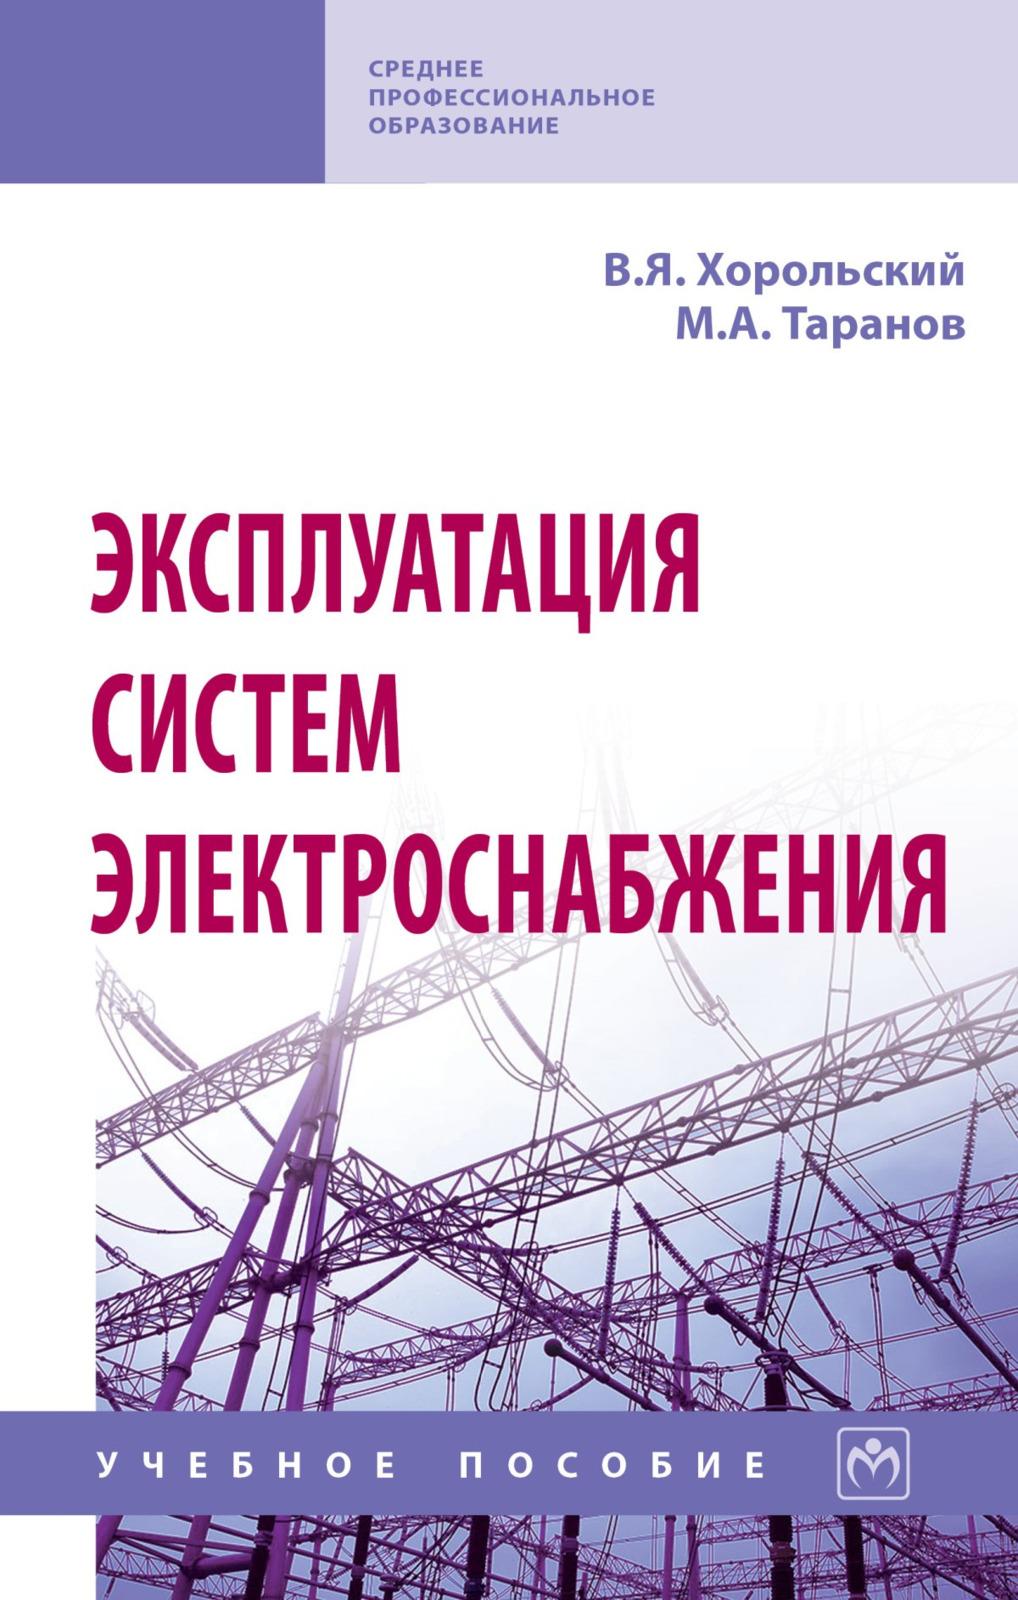 Эксплуатация систем электроснабжения | Таранов Михаил Алексеевич, Хорольский Владимир Яковлевич